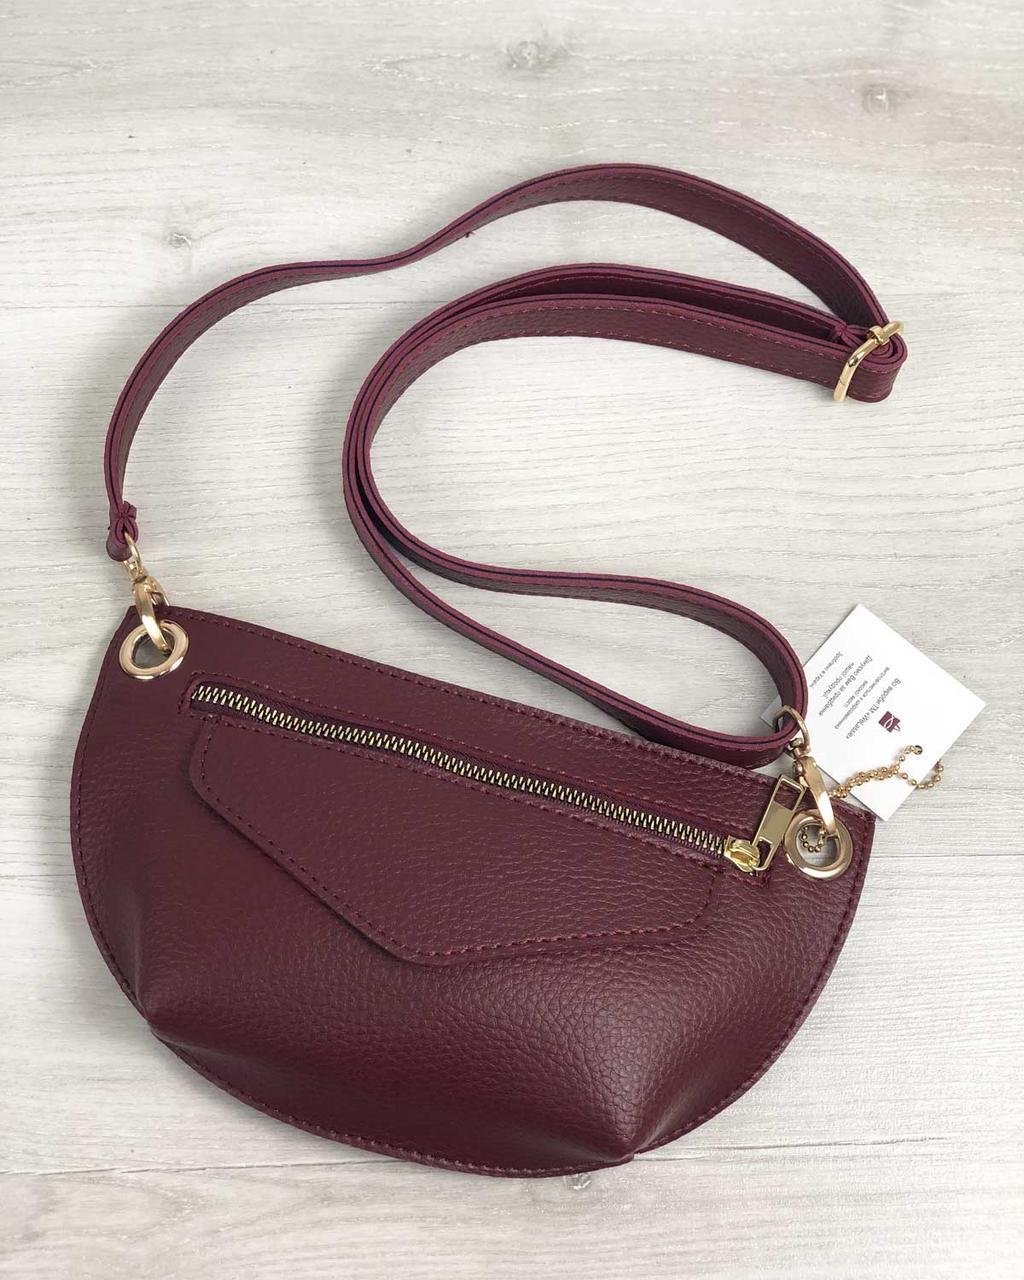 f28f12a487c5 Женская сумка сумка на пояс- клатч Нана бордового цвета: продажа ...